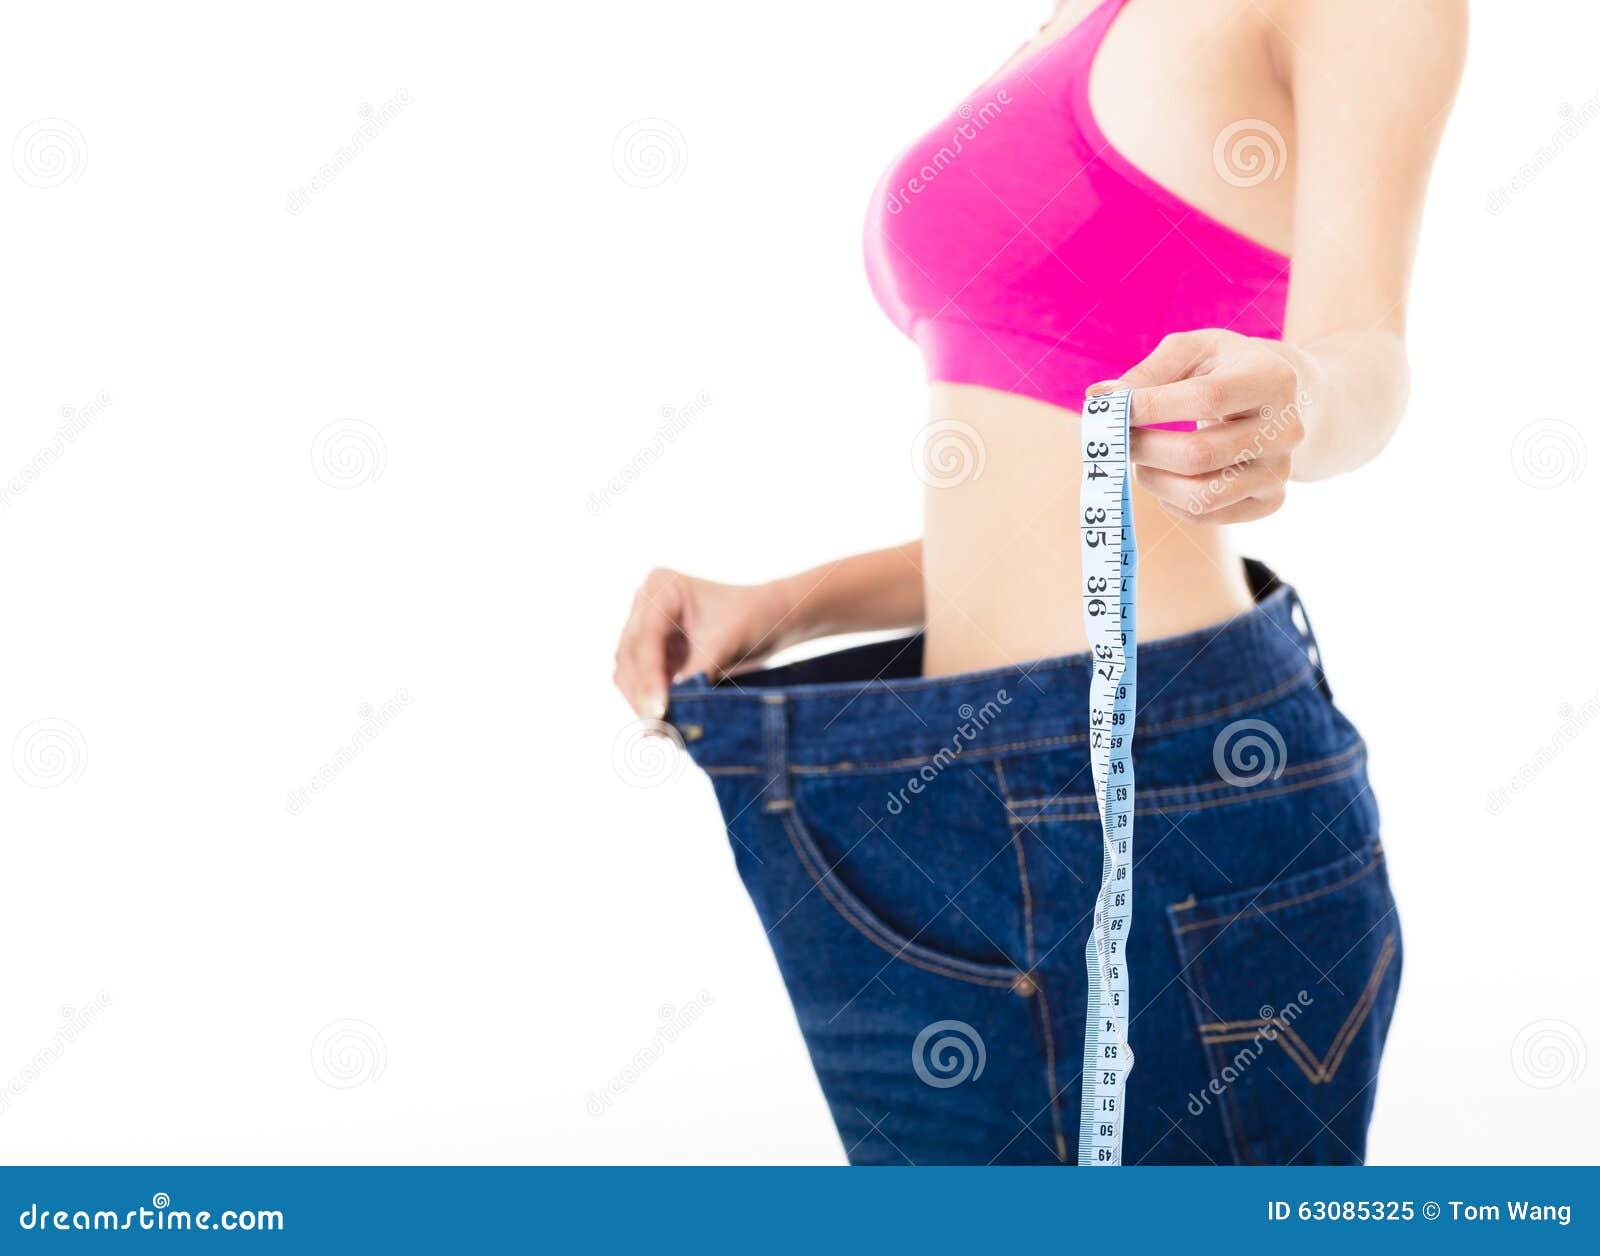 Download Jeune Femme Avec La Bande De Mesure Image stock - Image du santé, beau: 63085325